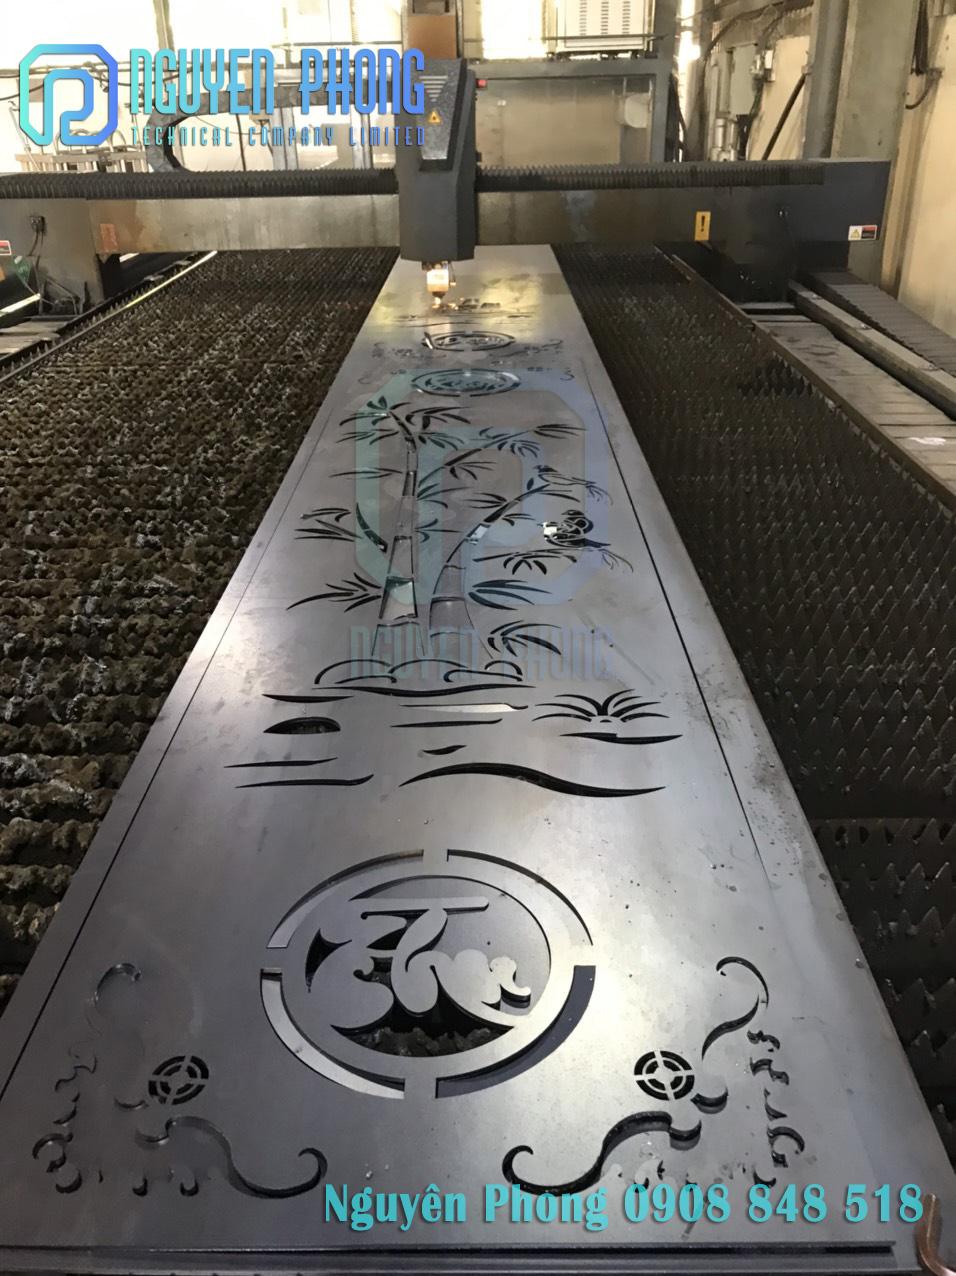 Gia công cắt CNC trọn gói trên kim loại giá tốt HCM, Bình Dương, Bình Phước